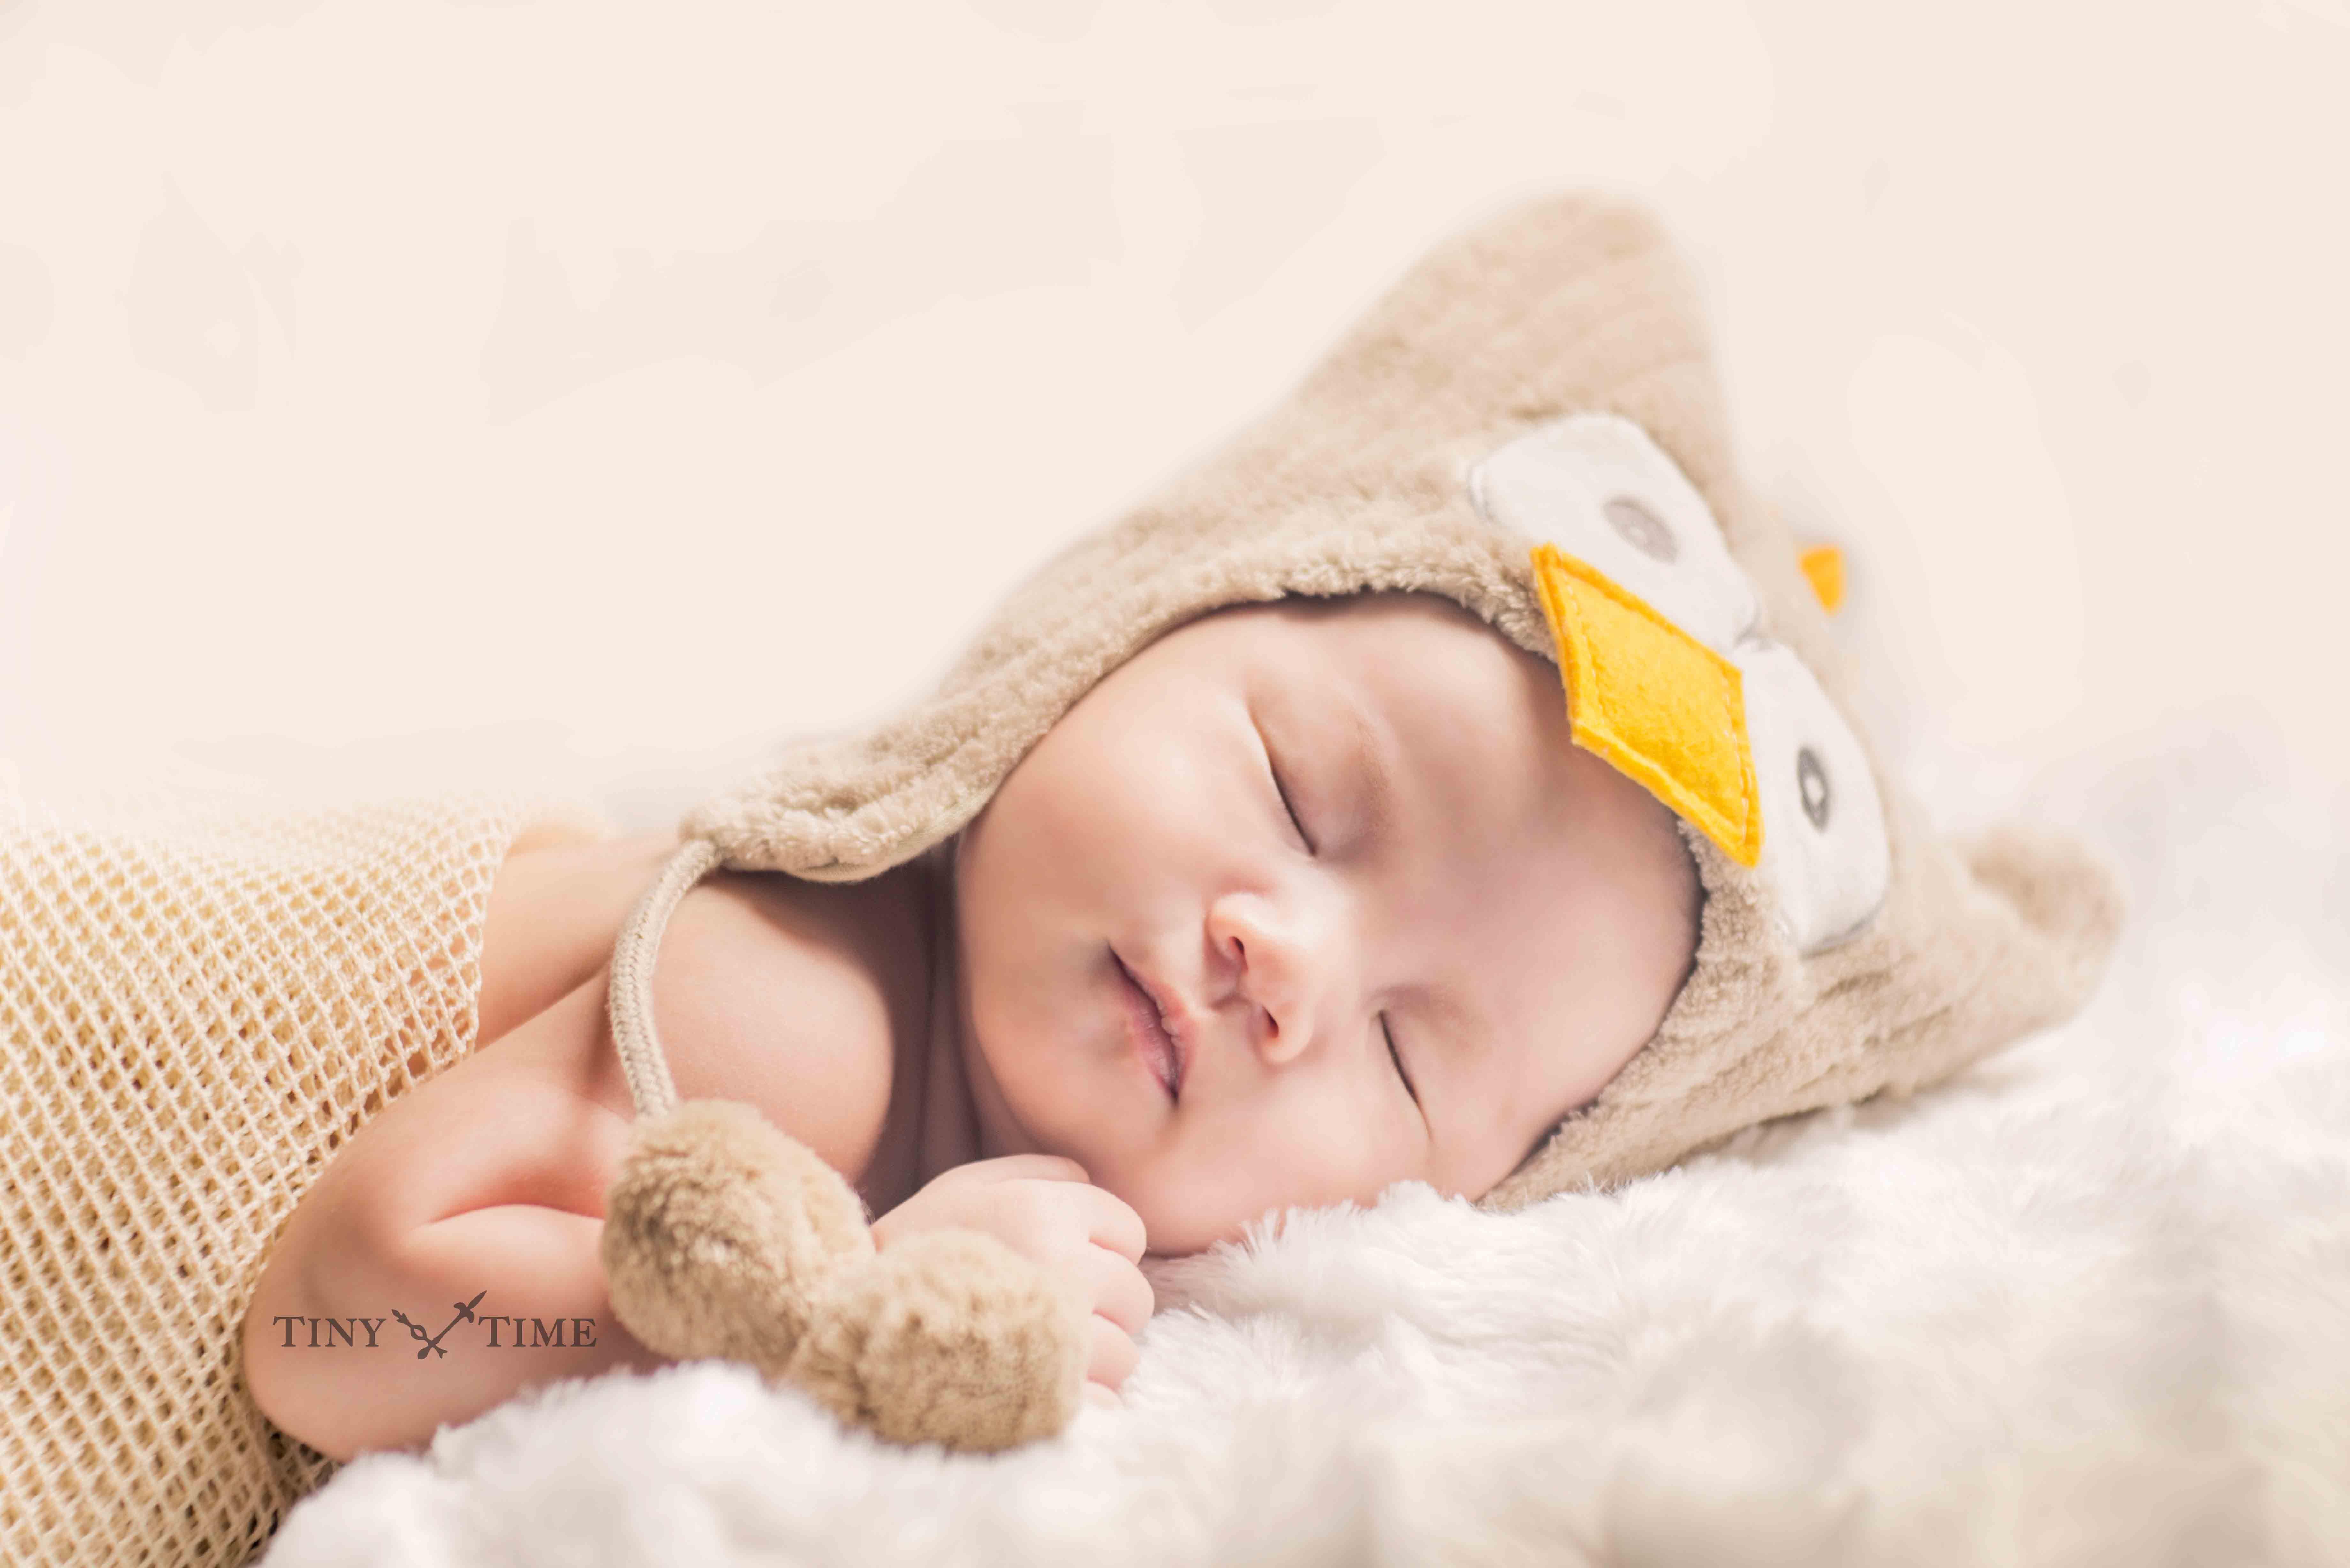 สต ด โอถ ายร ปเด ก 1เด อน นกฮ ก เด กแรกเก ด เด กอ อน Bangkokbabystudio Newborn Newborn Newborn Photos Maternity